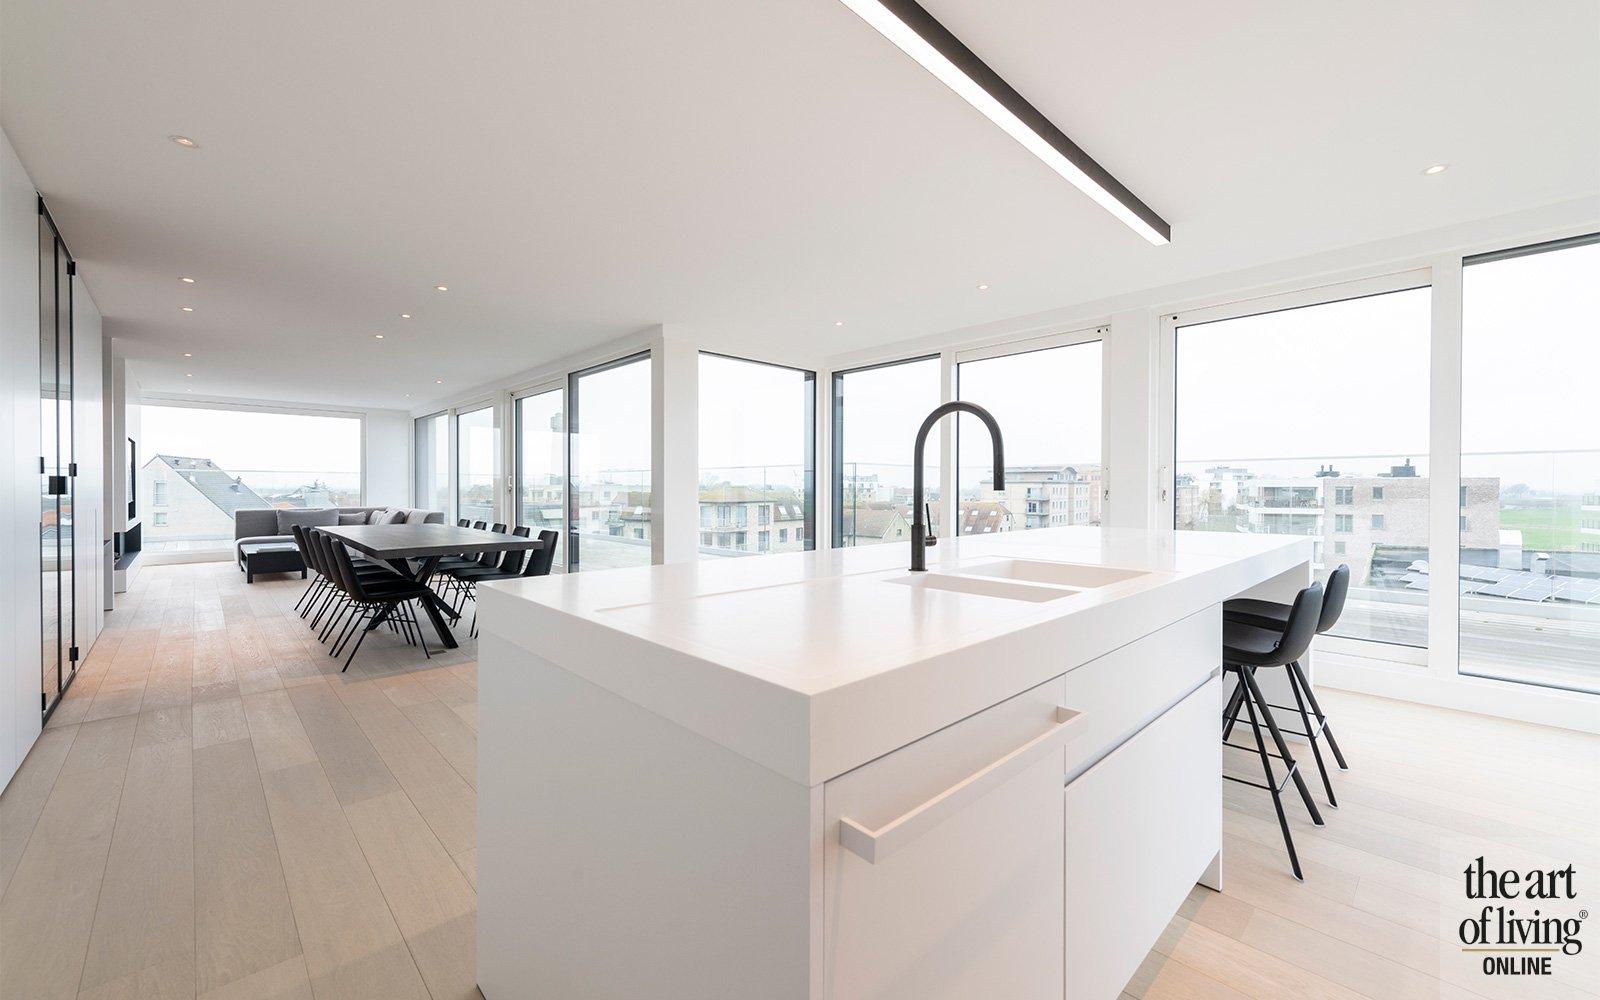 strakke penthouse, strak, appartement, open, uitzicht, ruimtelijk